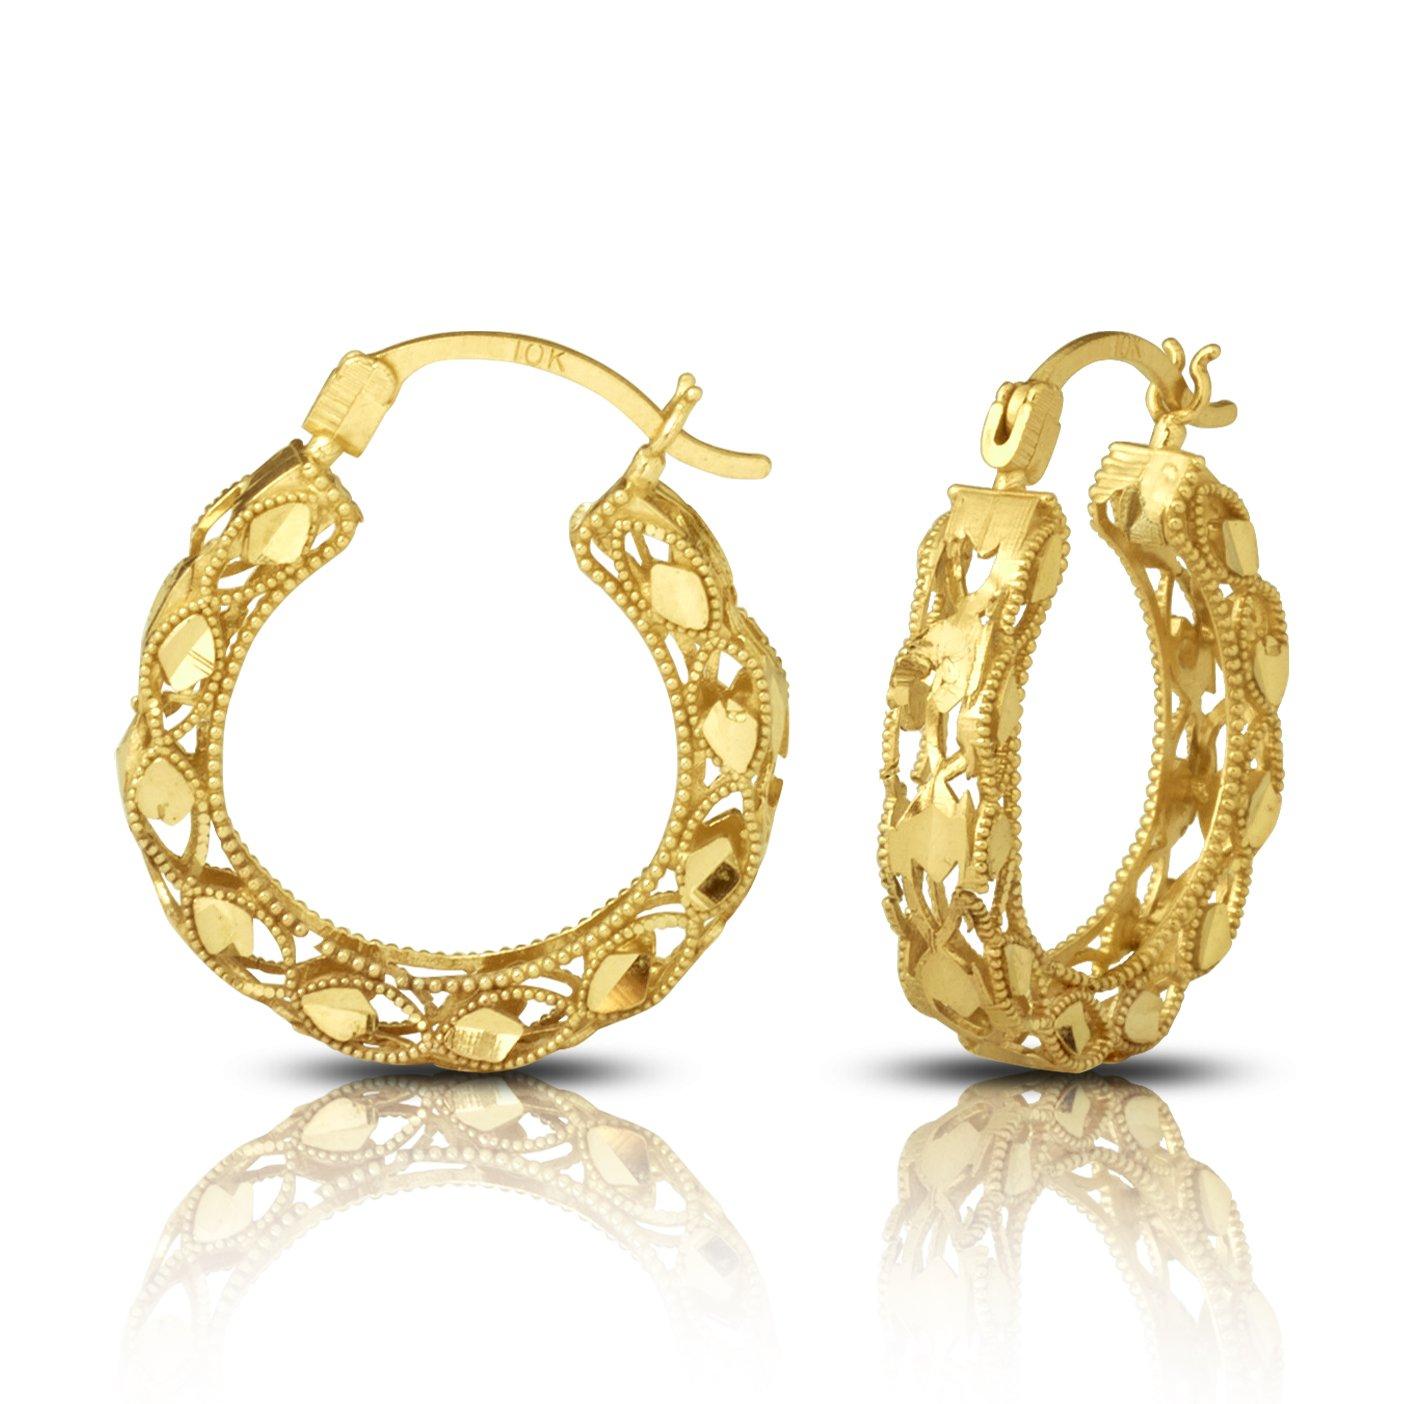 LoveBling 10K Yellow Gold 3.8mm Round Turkish Hoop Earrings (Diameter 0.80'', Width 0.15'')